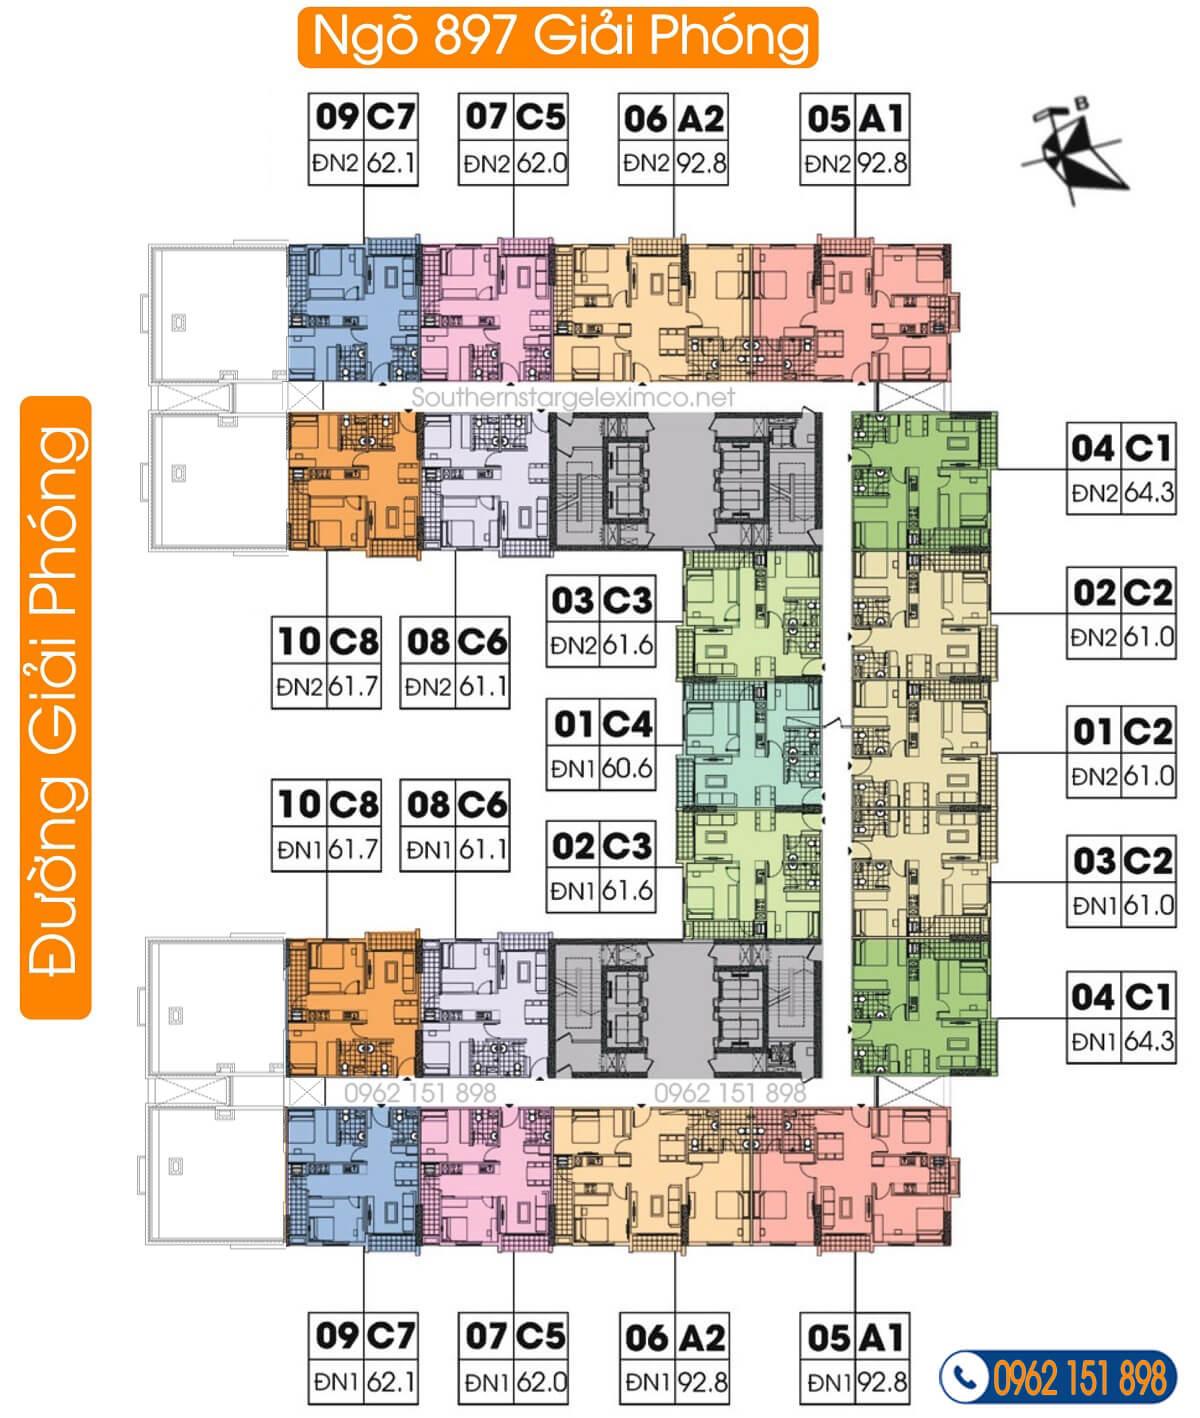 mặt-bằng-tầng-18-21-chung-cư-geleximco-southern-star-geleximco-897-giải-phóng